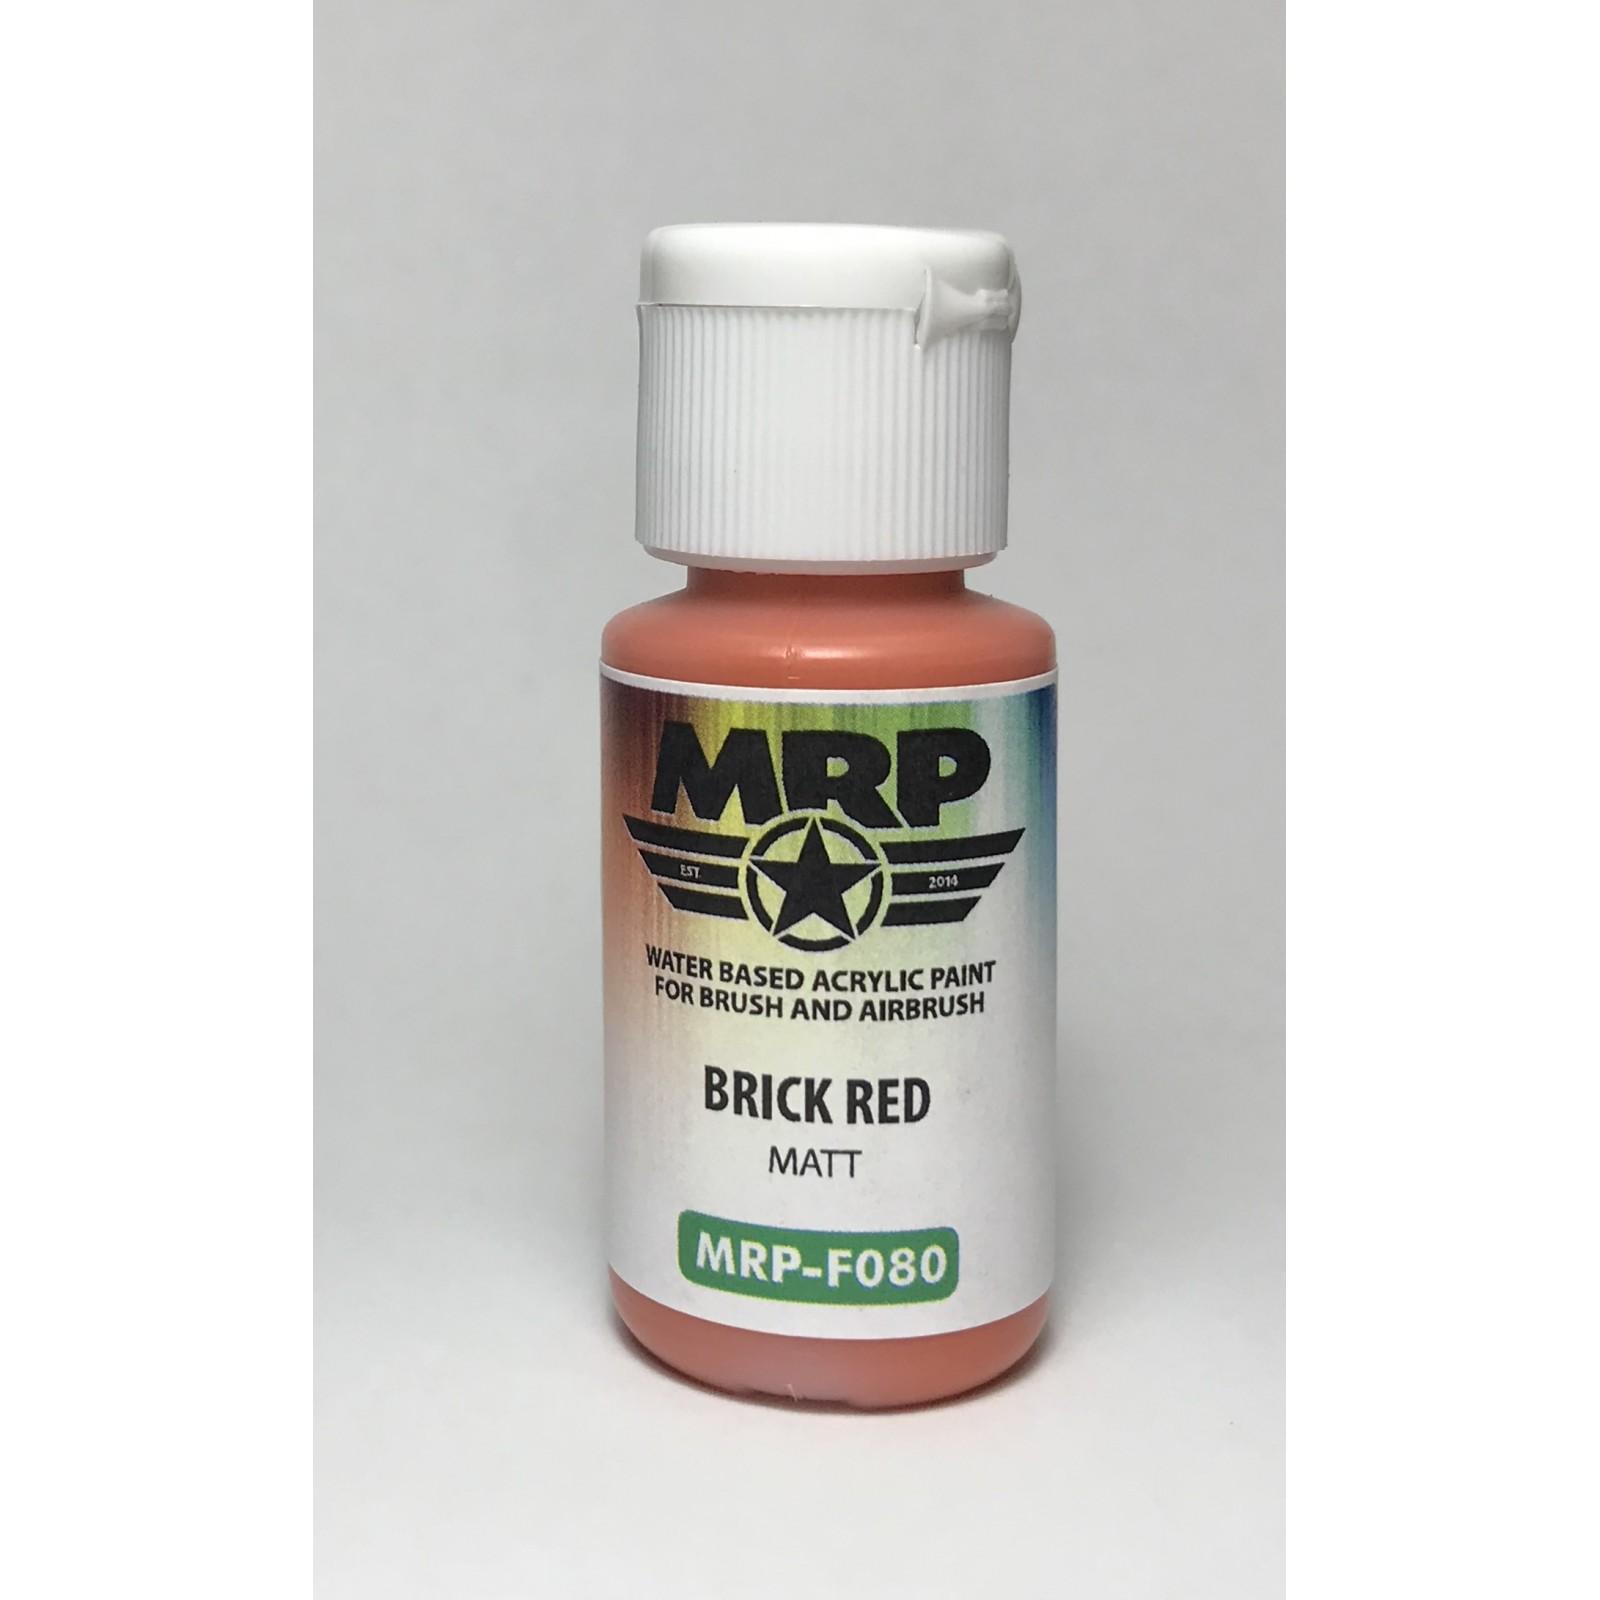 MRP-F080 Brick Red